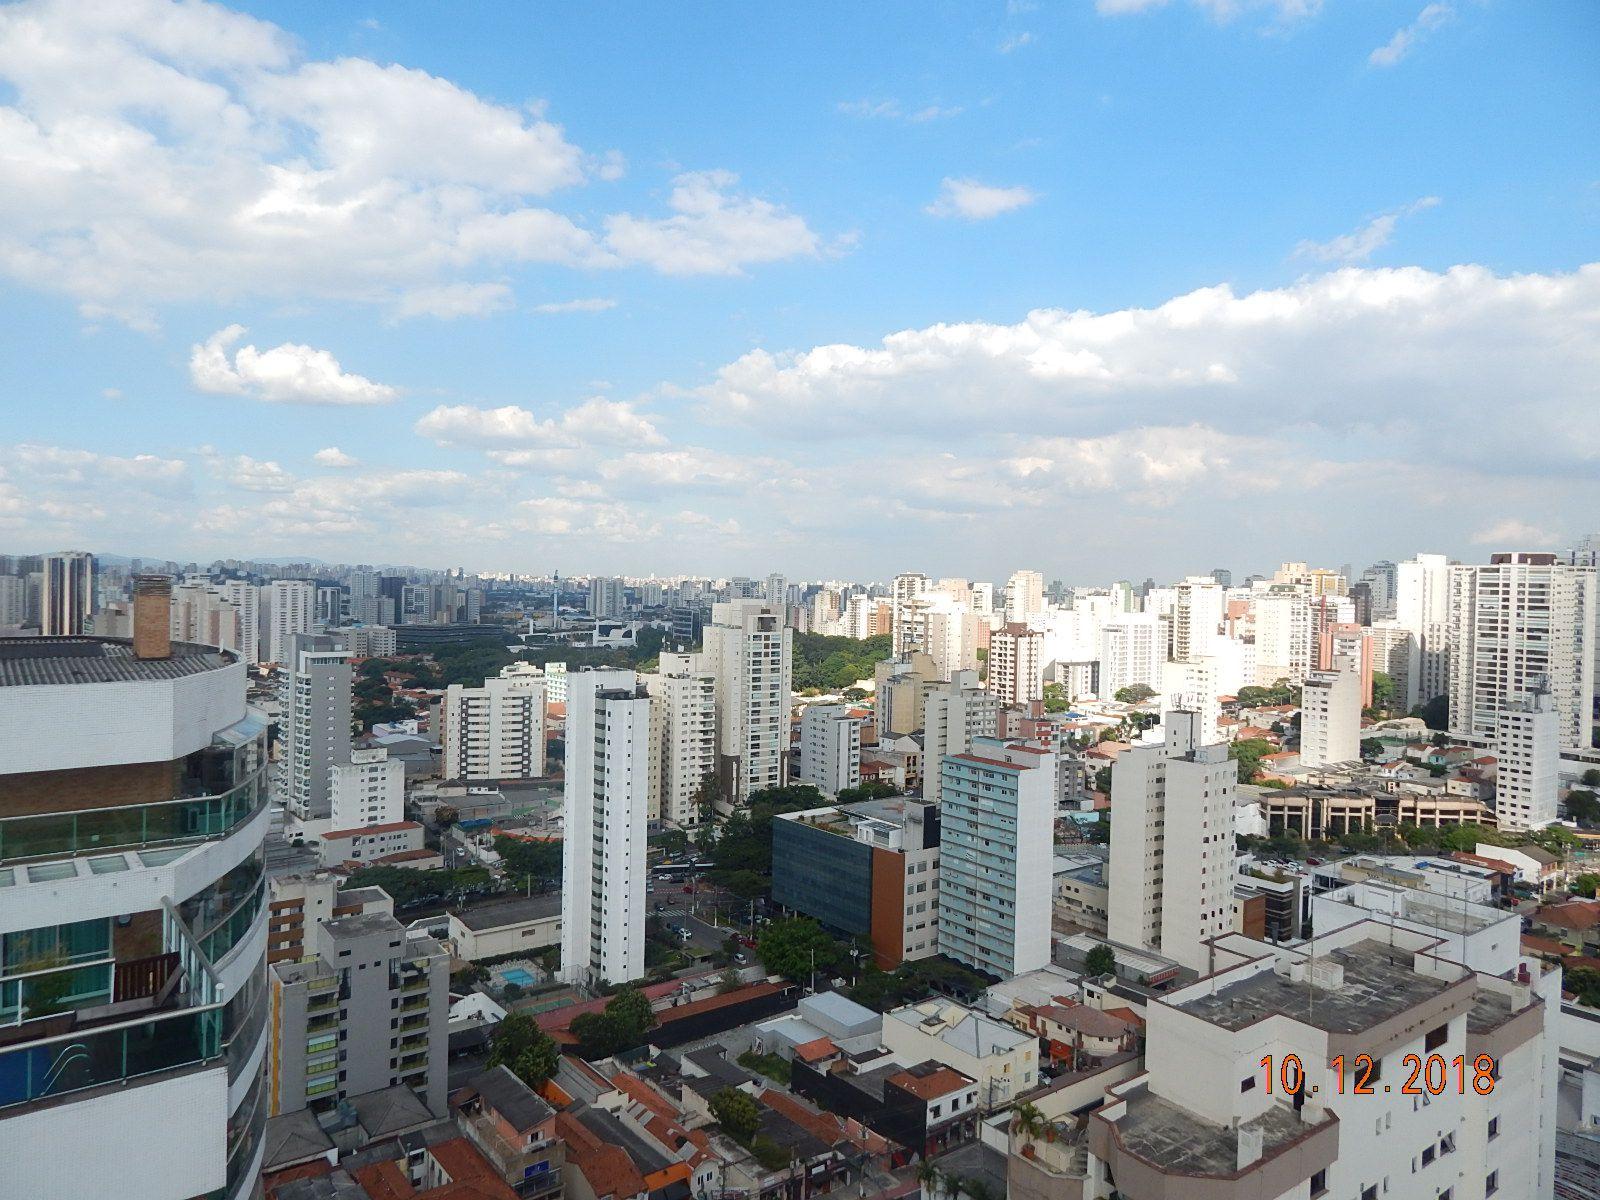 Cobertura Para Venda ou Aluguel - Perdizes - São Paulo - SP - COBE0012 - 32